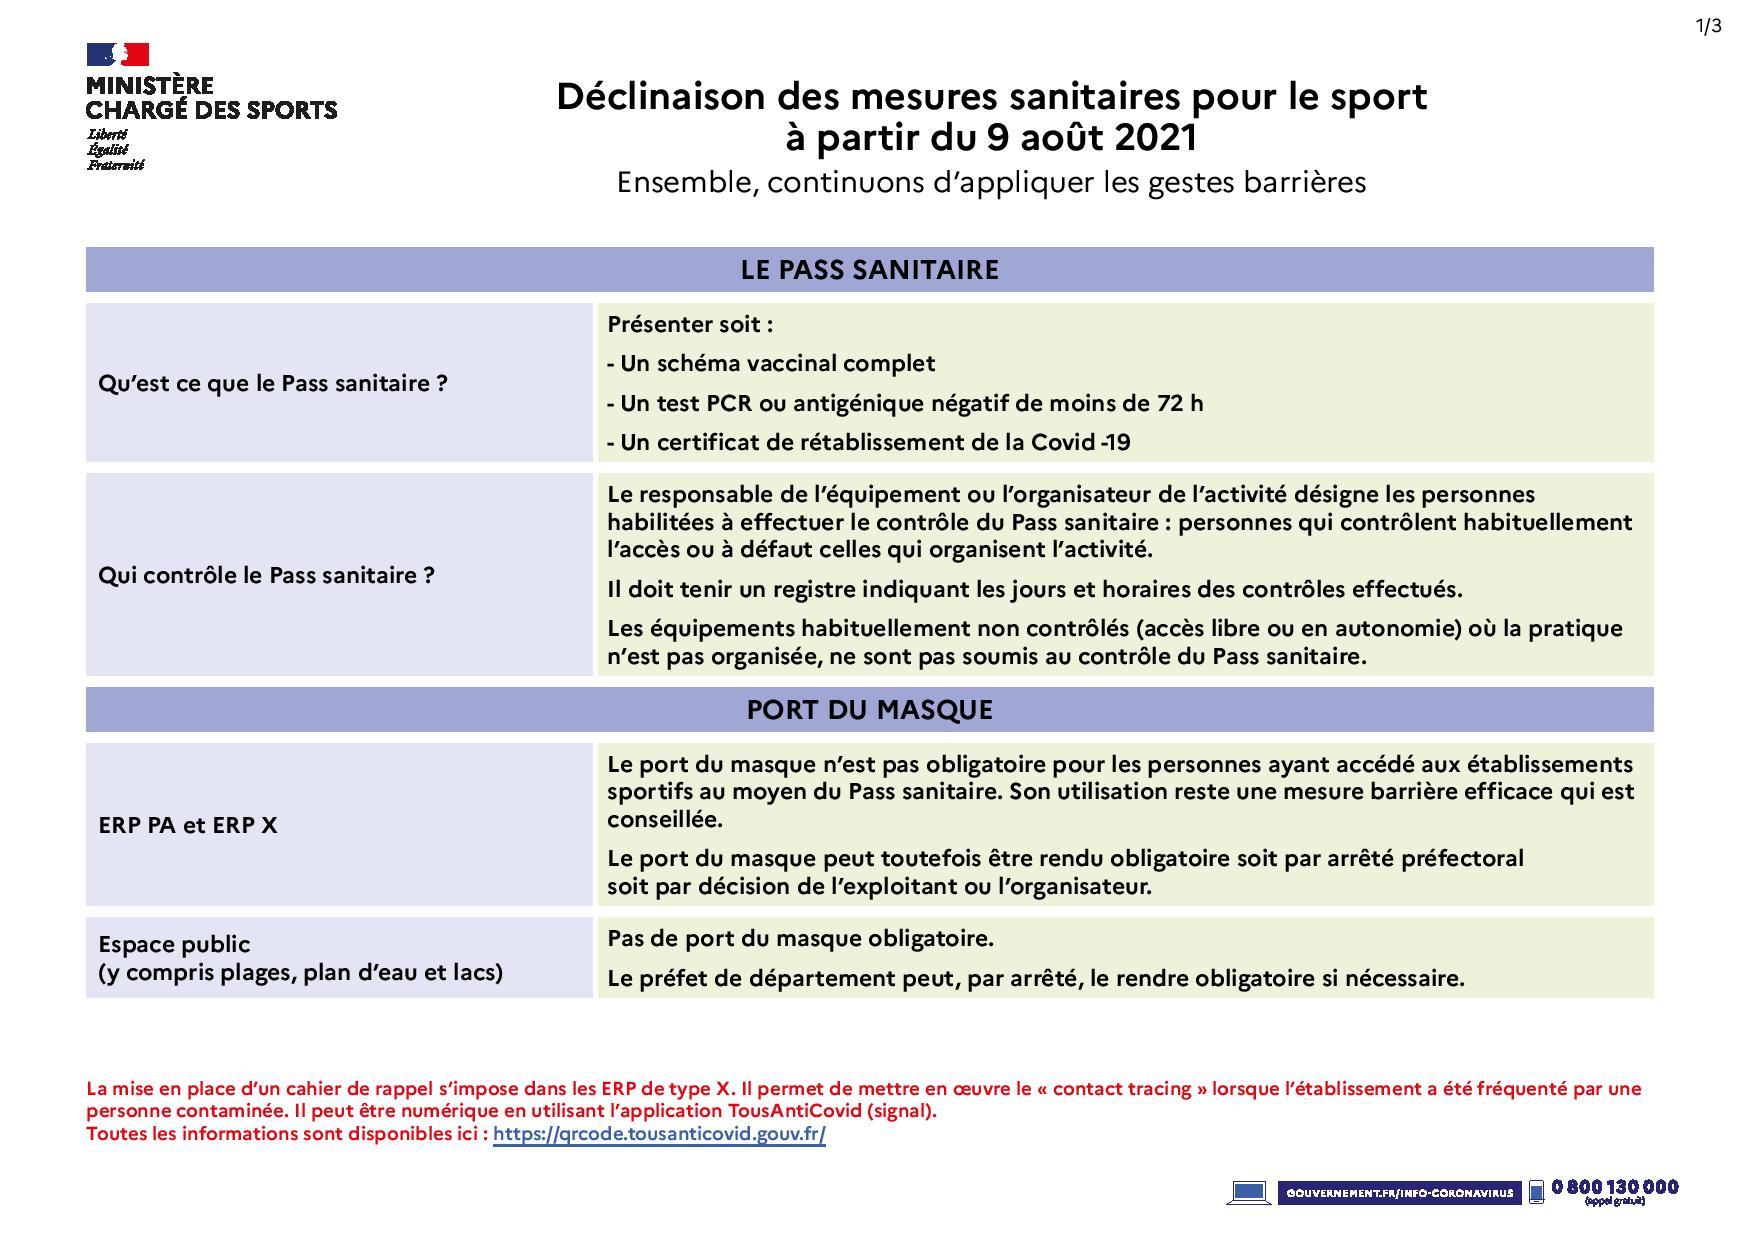 Tableau_mesures_sanitaires_sports_09-08-21-page-001.jpg